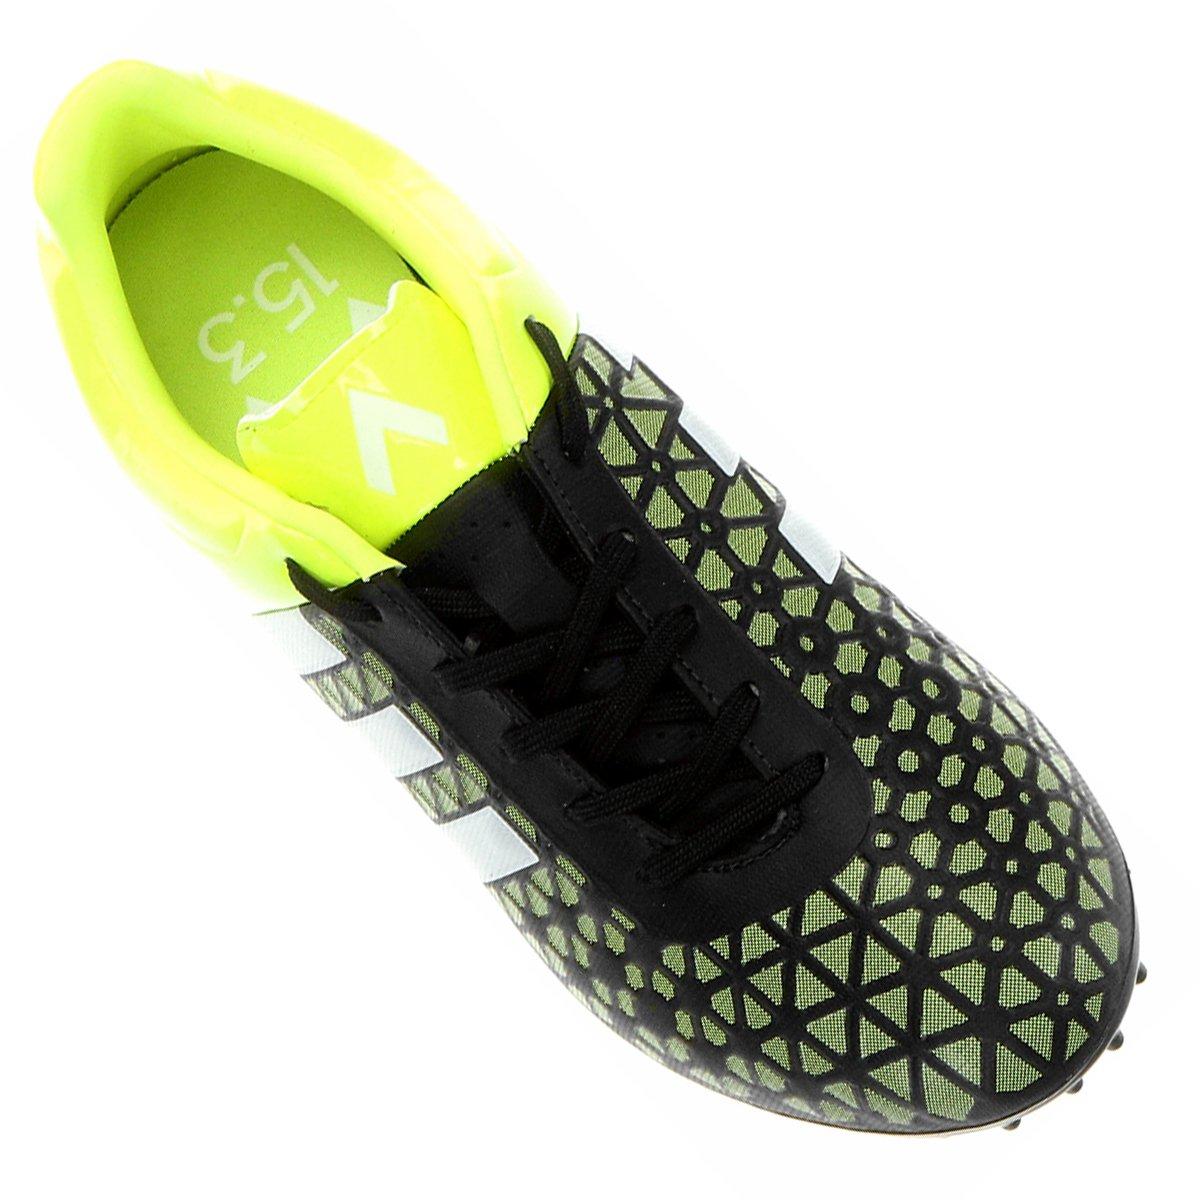 Chuteira Adidas Ace 15 3 FG Campo - Compre Agora  a101f1dfca29b